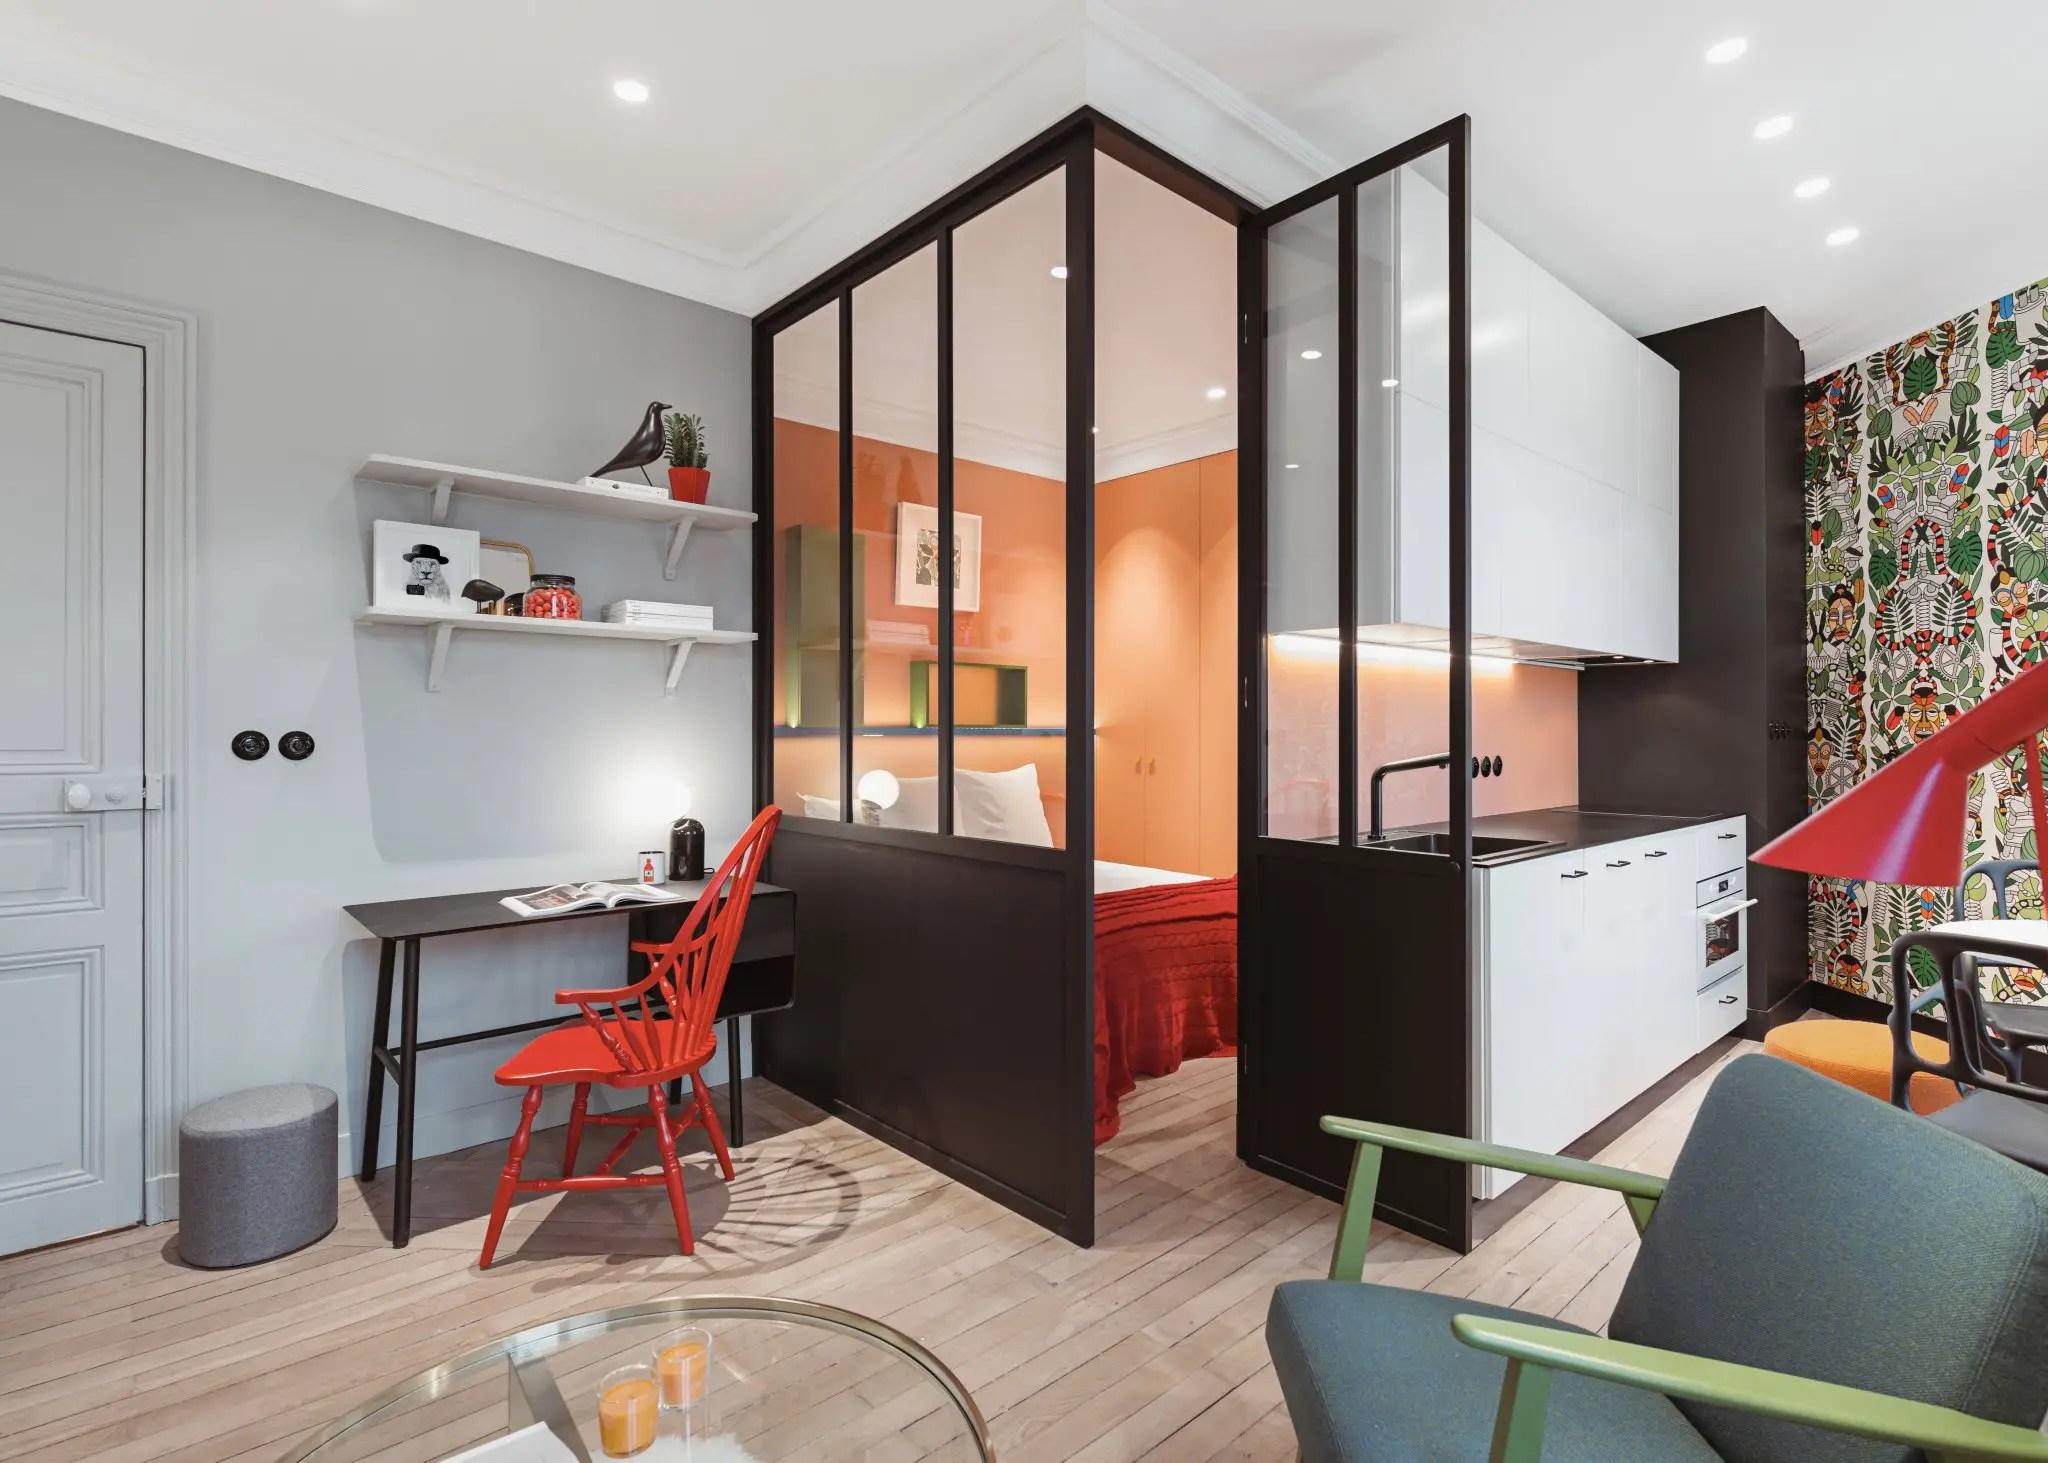 Cet appartement de 35m2 bénéficie d'une nouvelle distribution et d'une belle personnalité depuis sa rénovation